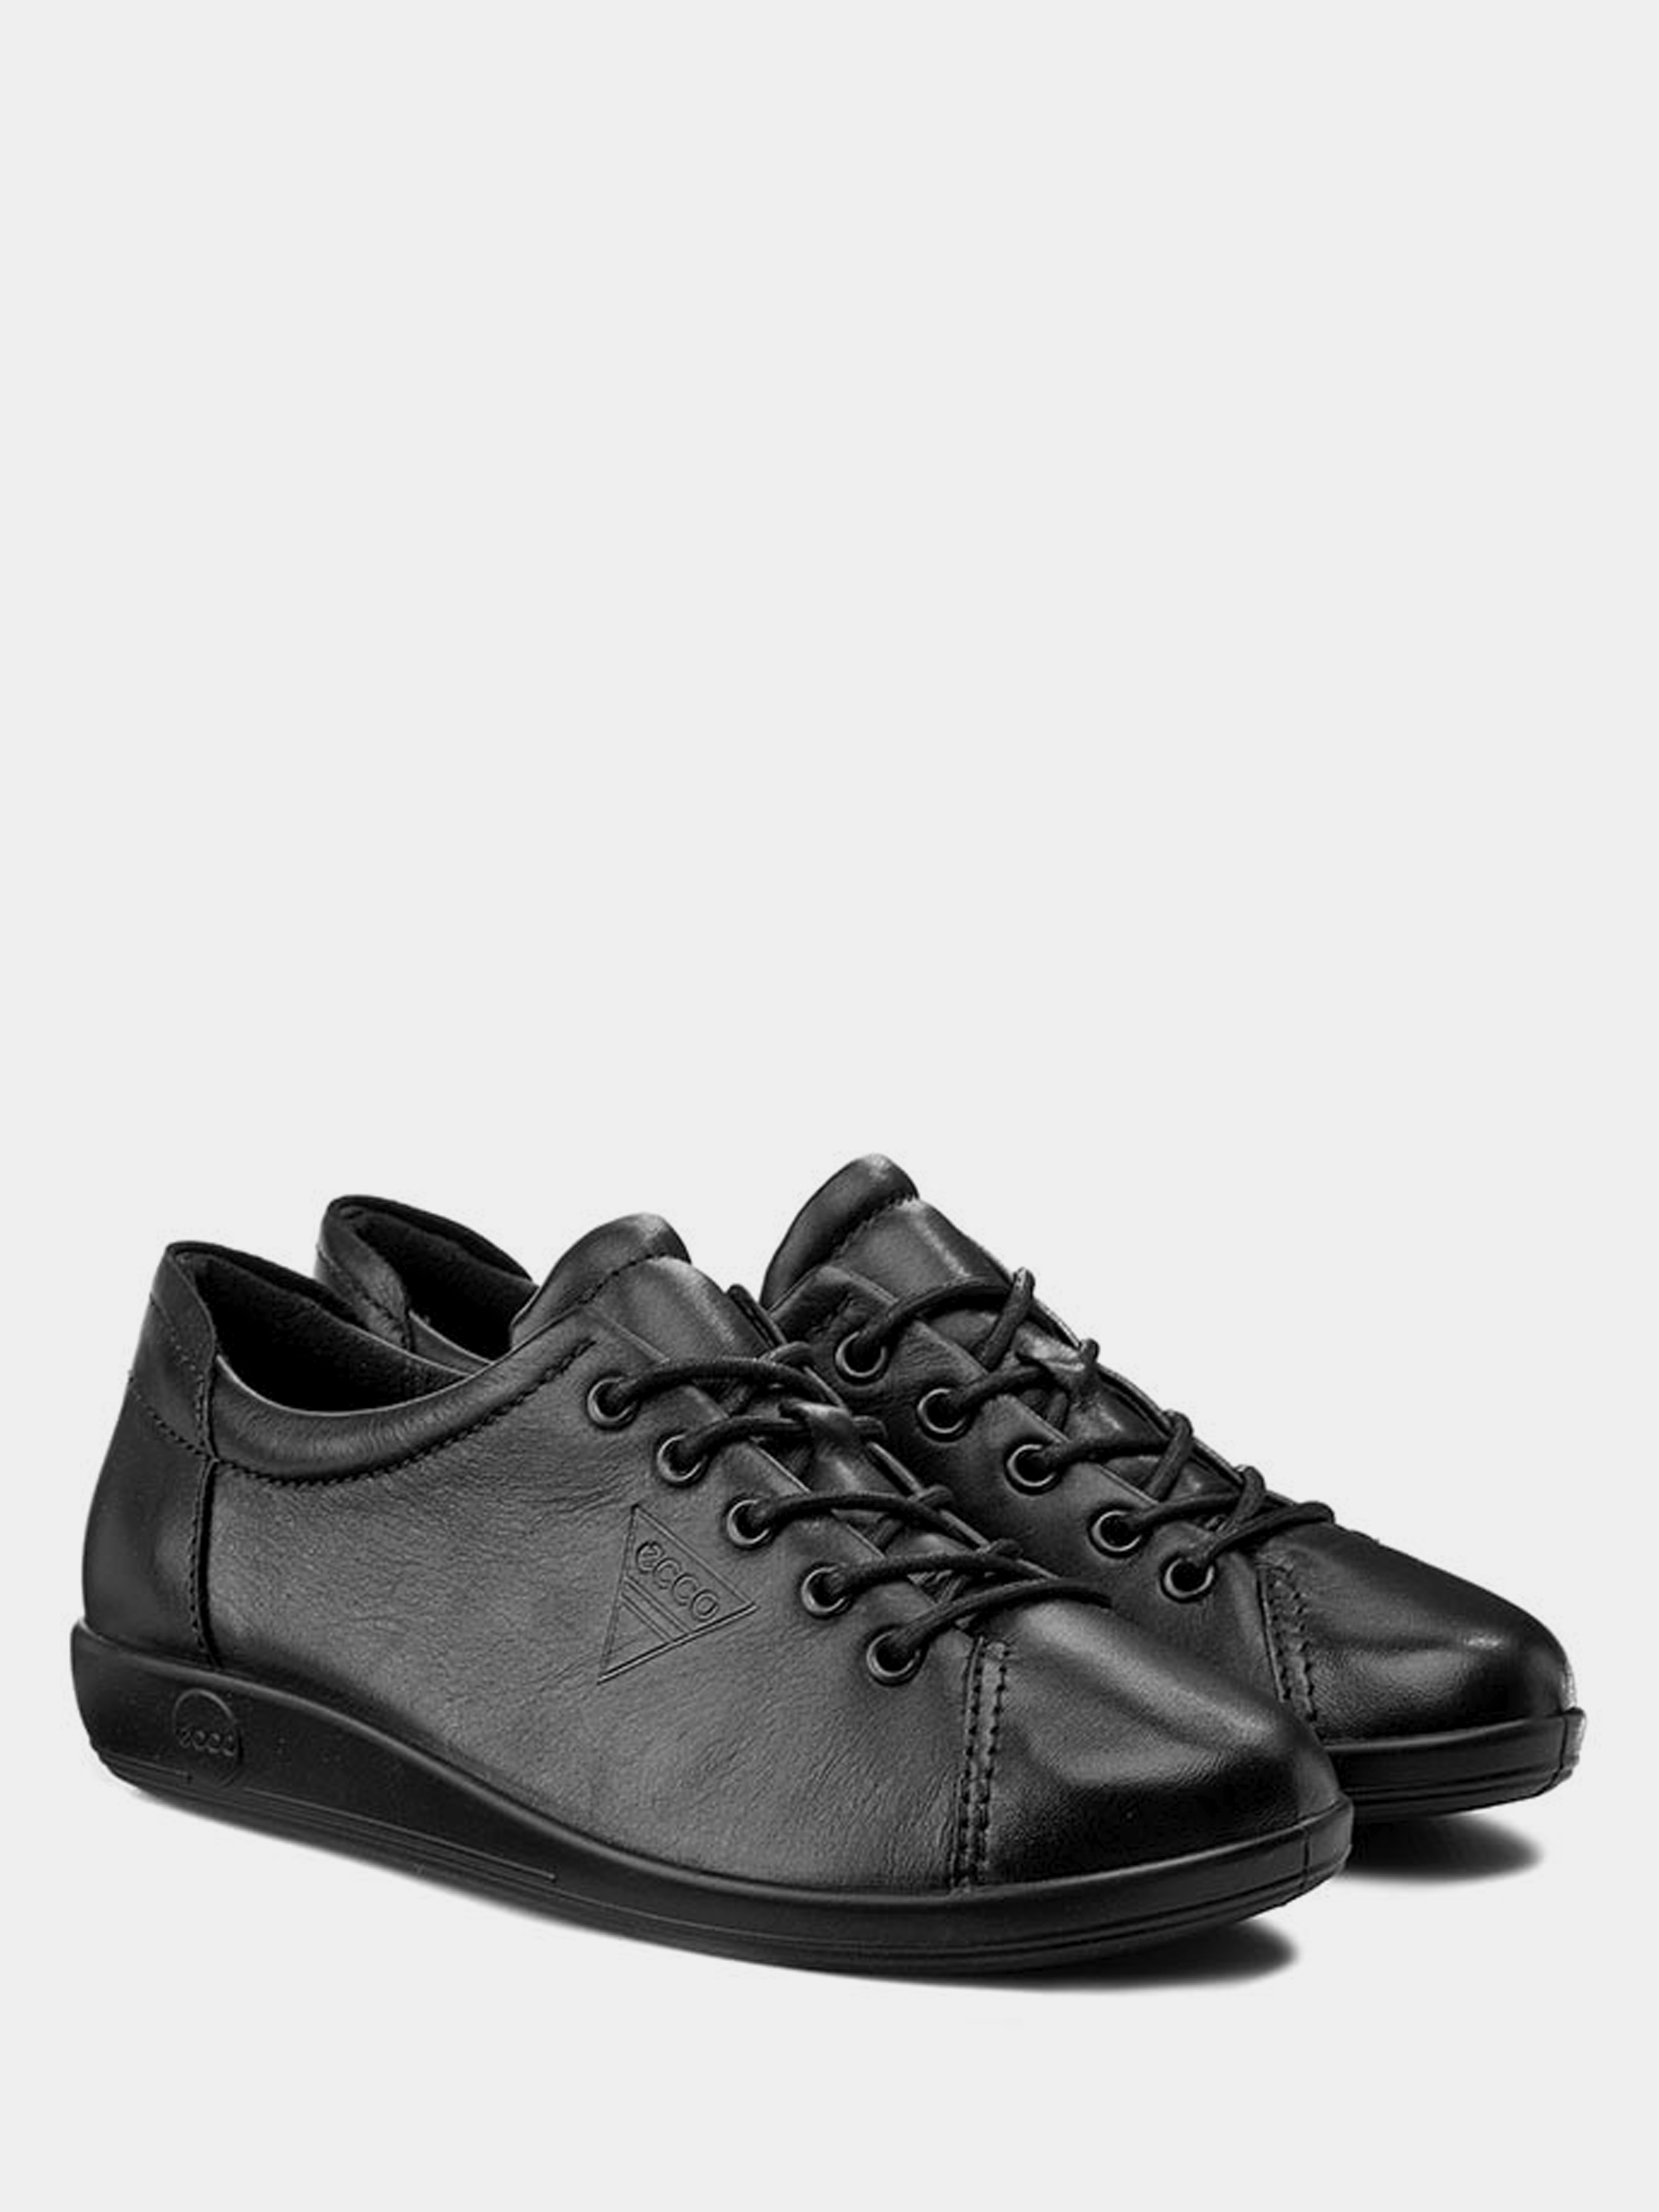 Полуботинки женские ECCO SOFT 2.0 ZW5174 купить обувь, 2017